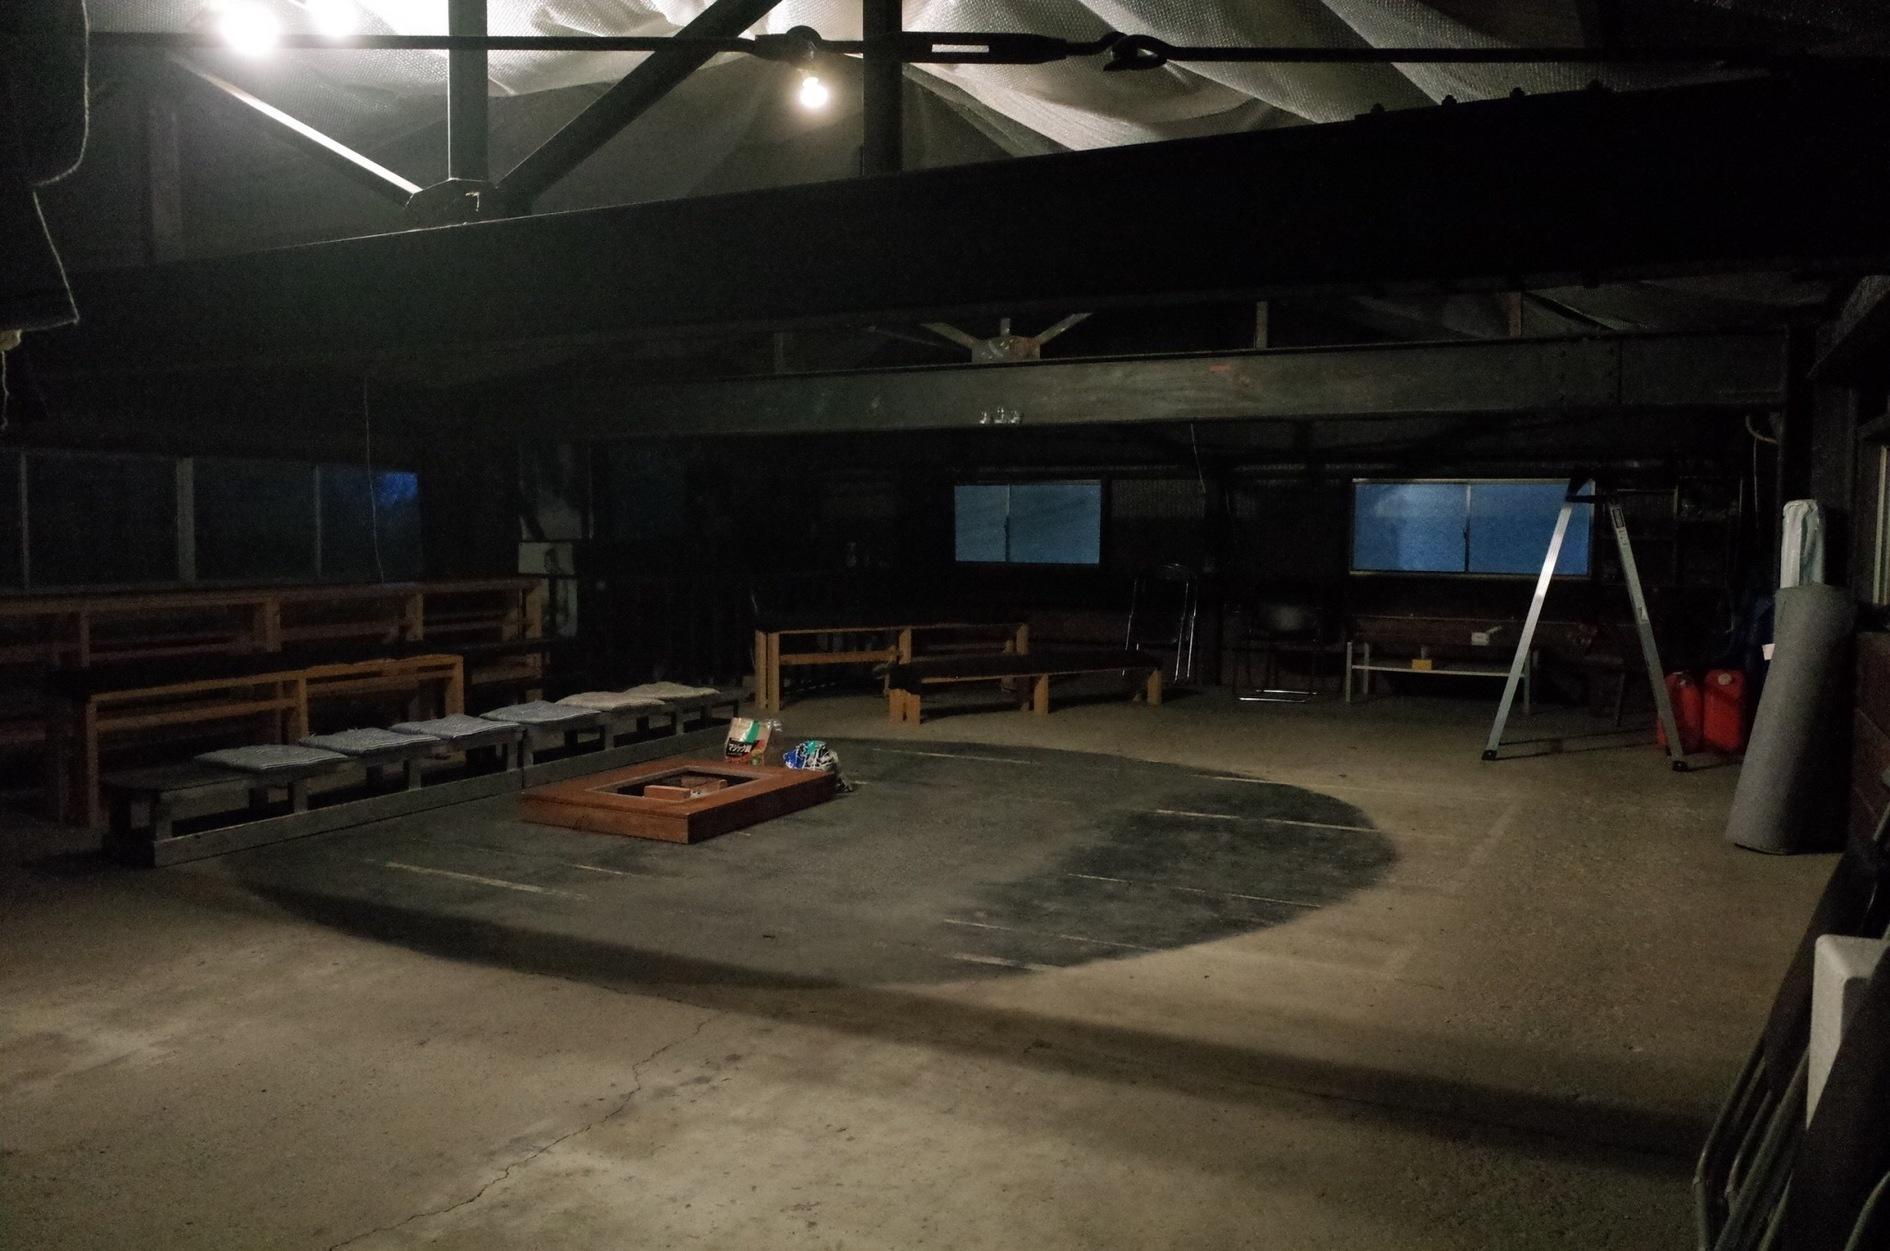 演劇、試写会、ダンス、ライブ 下町のクリエイティブなレンタルスペース!!KISYURYURI THEATER(KISYURYU THEATER) の写真0